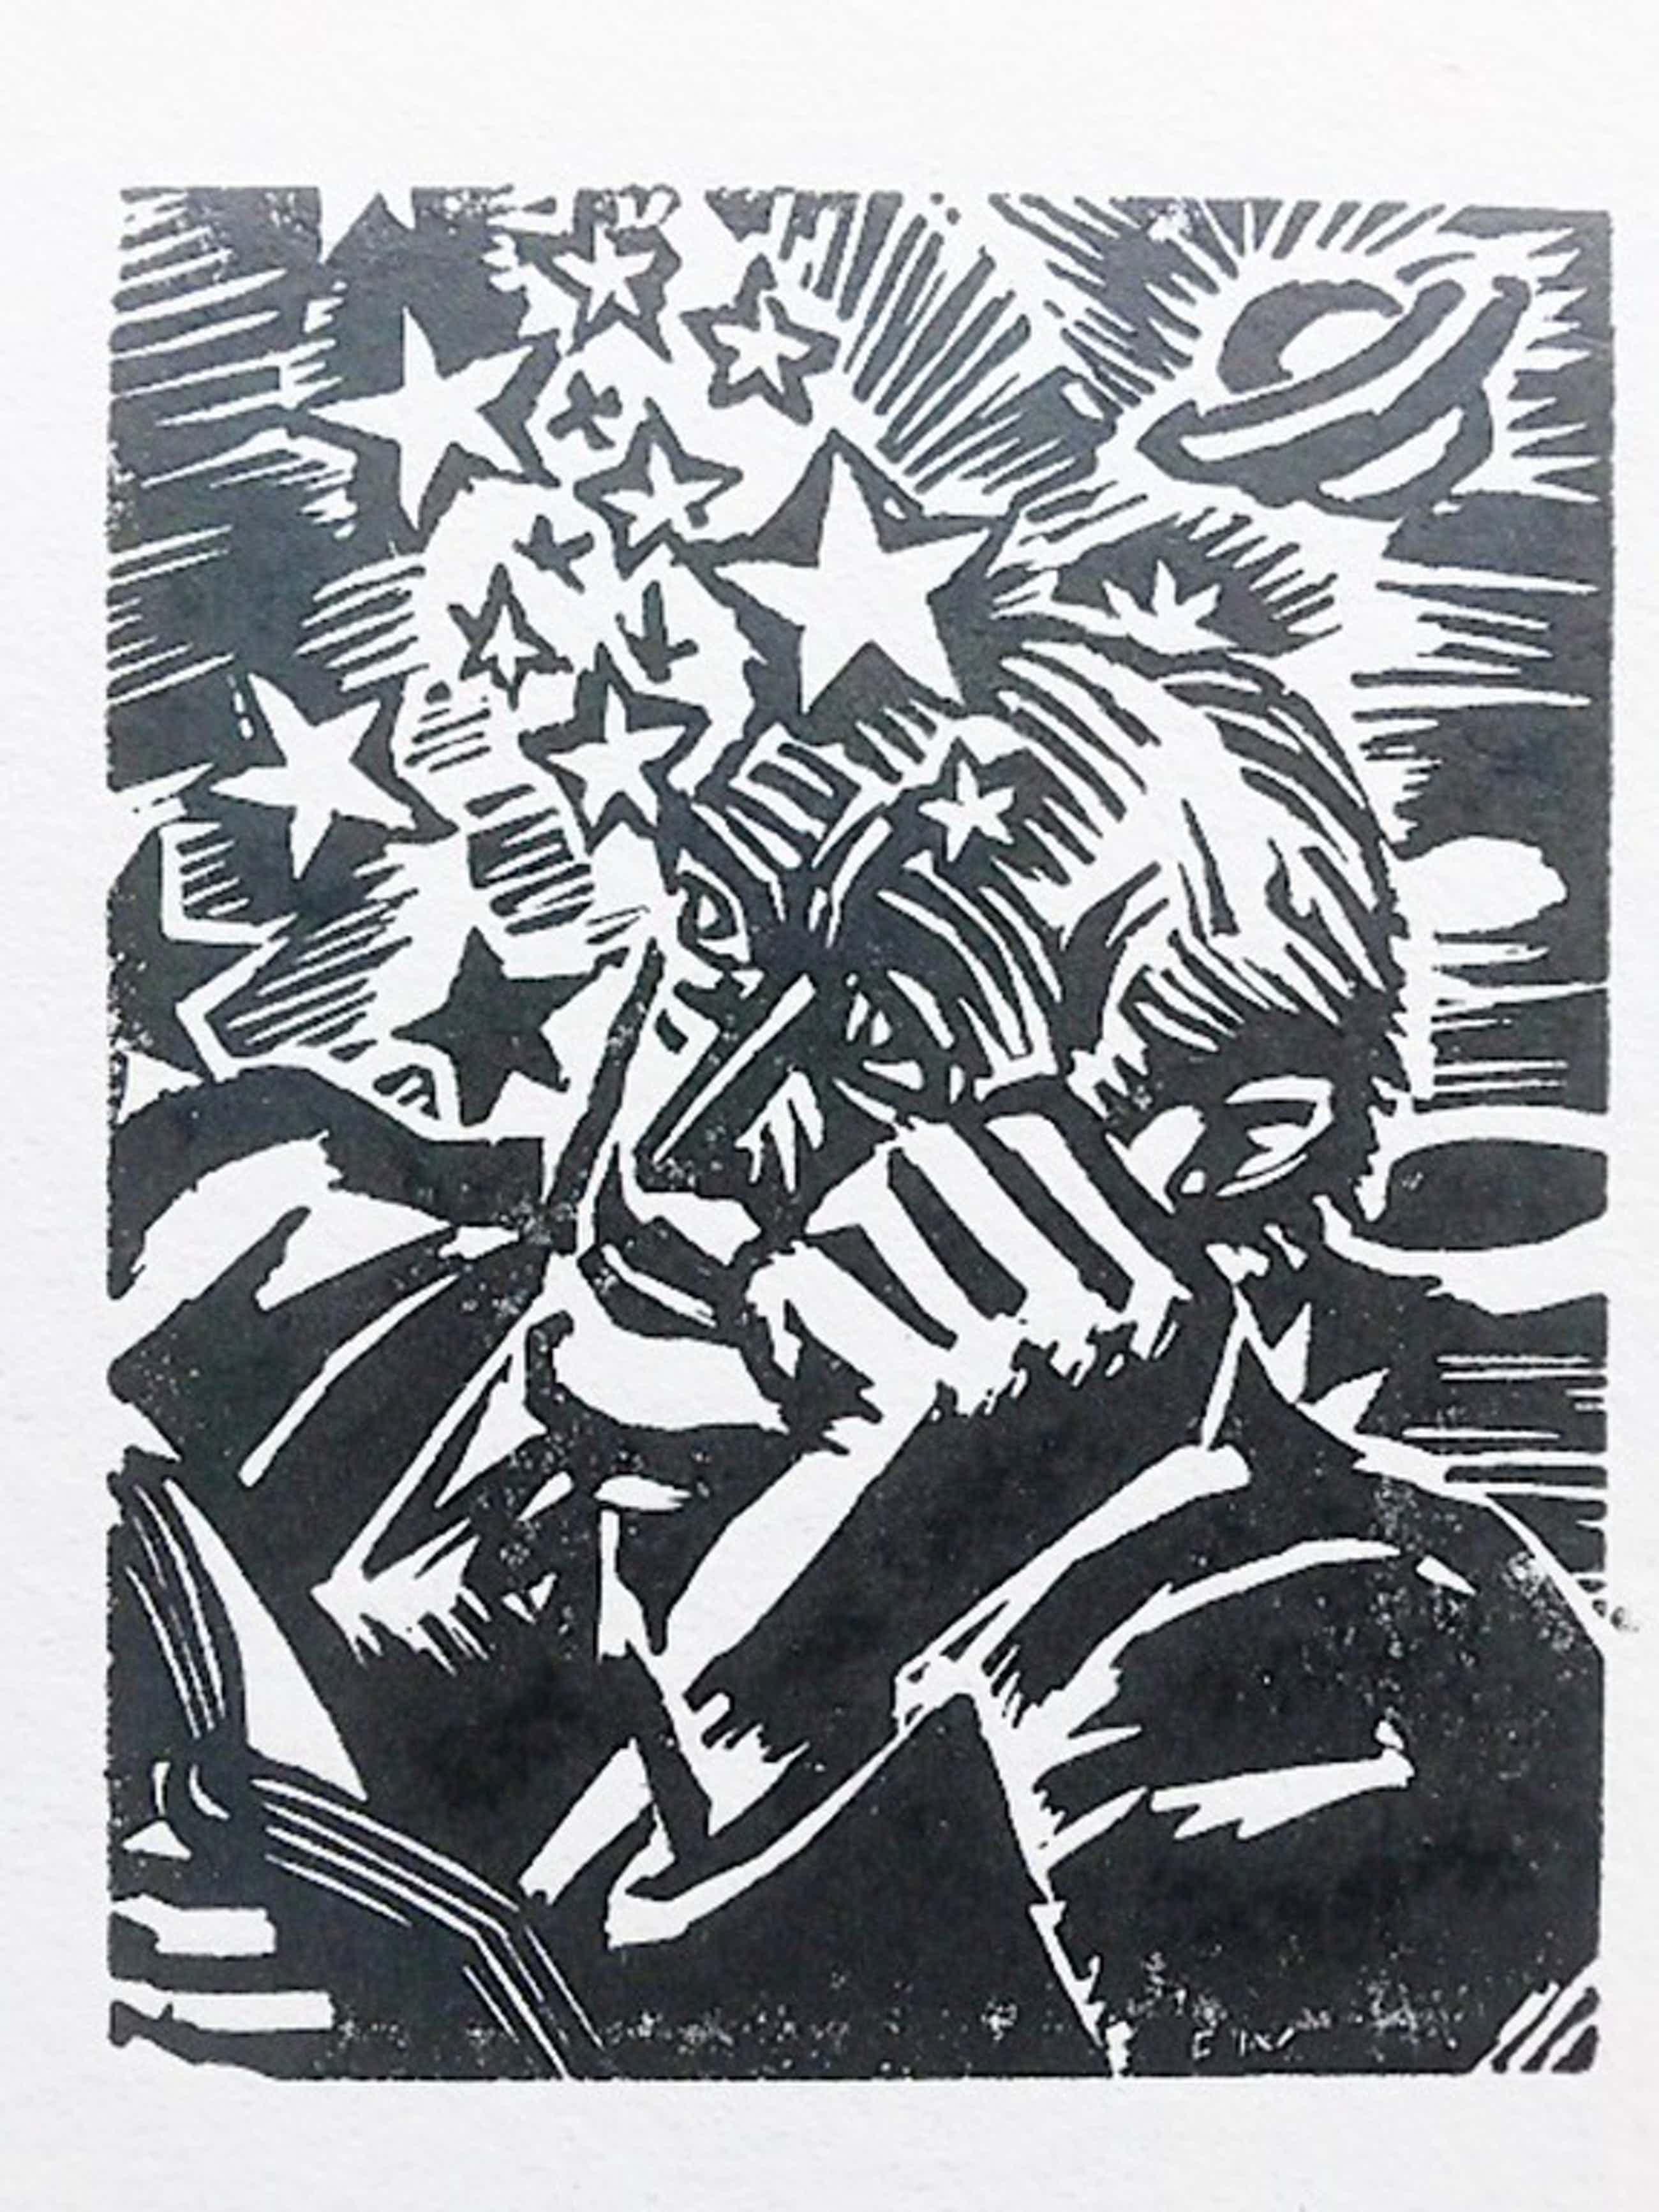 Frans Masereel, houtsnede: Gelehrter, 1949 kopen? Bied vanaf 35!